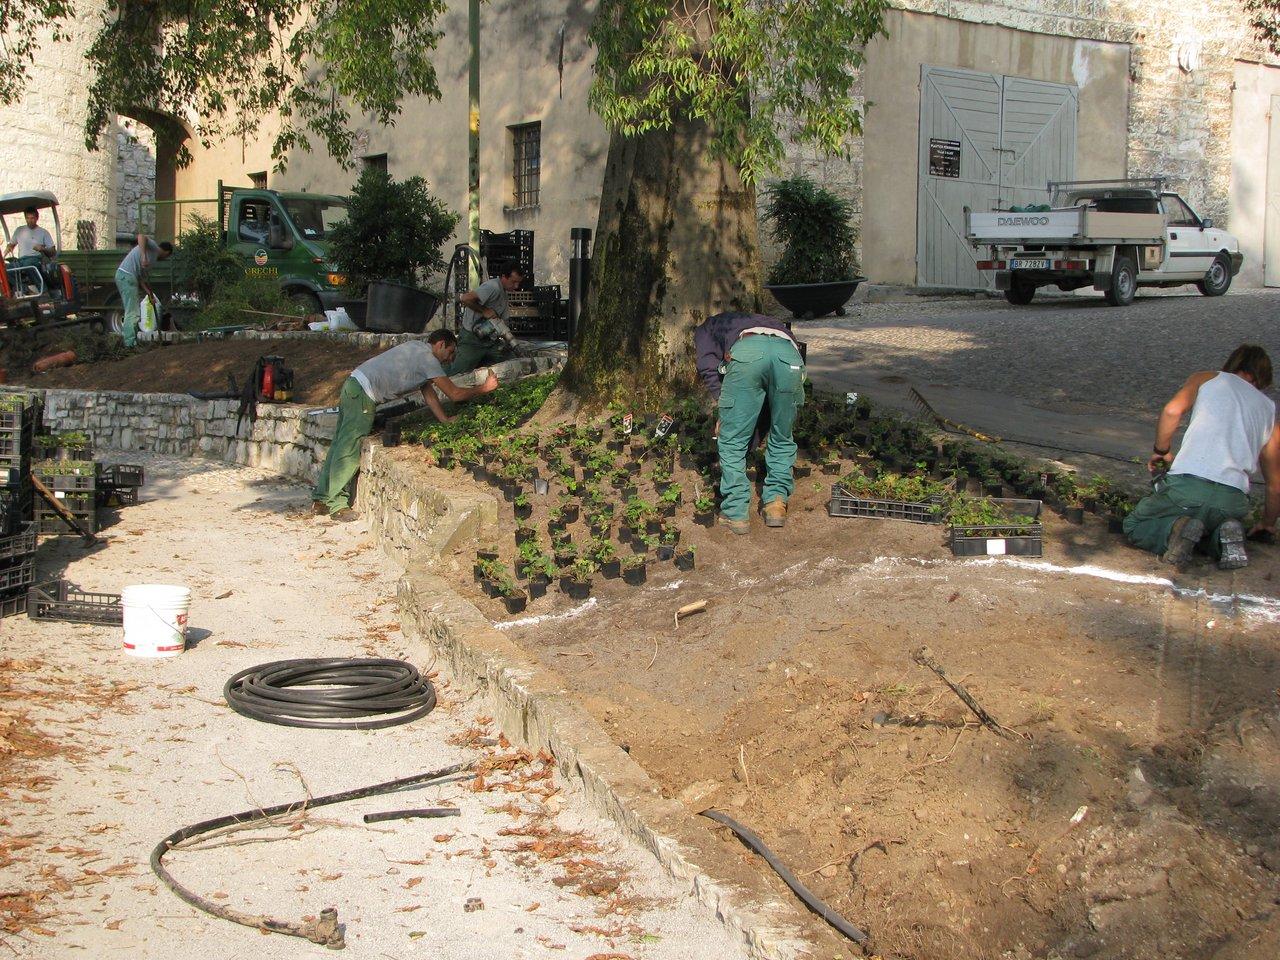 Giardini piani di mantenimento grechi giardini for Piani di camera aggiunta